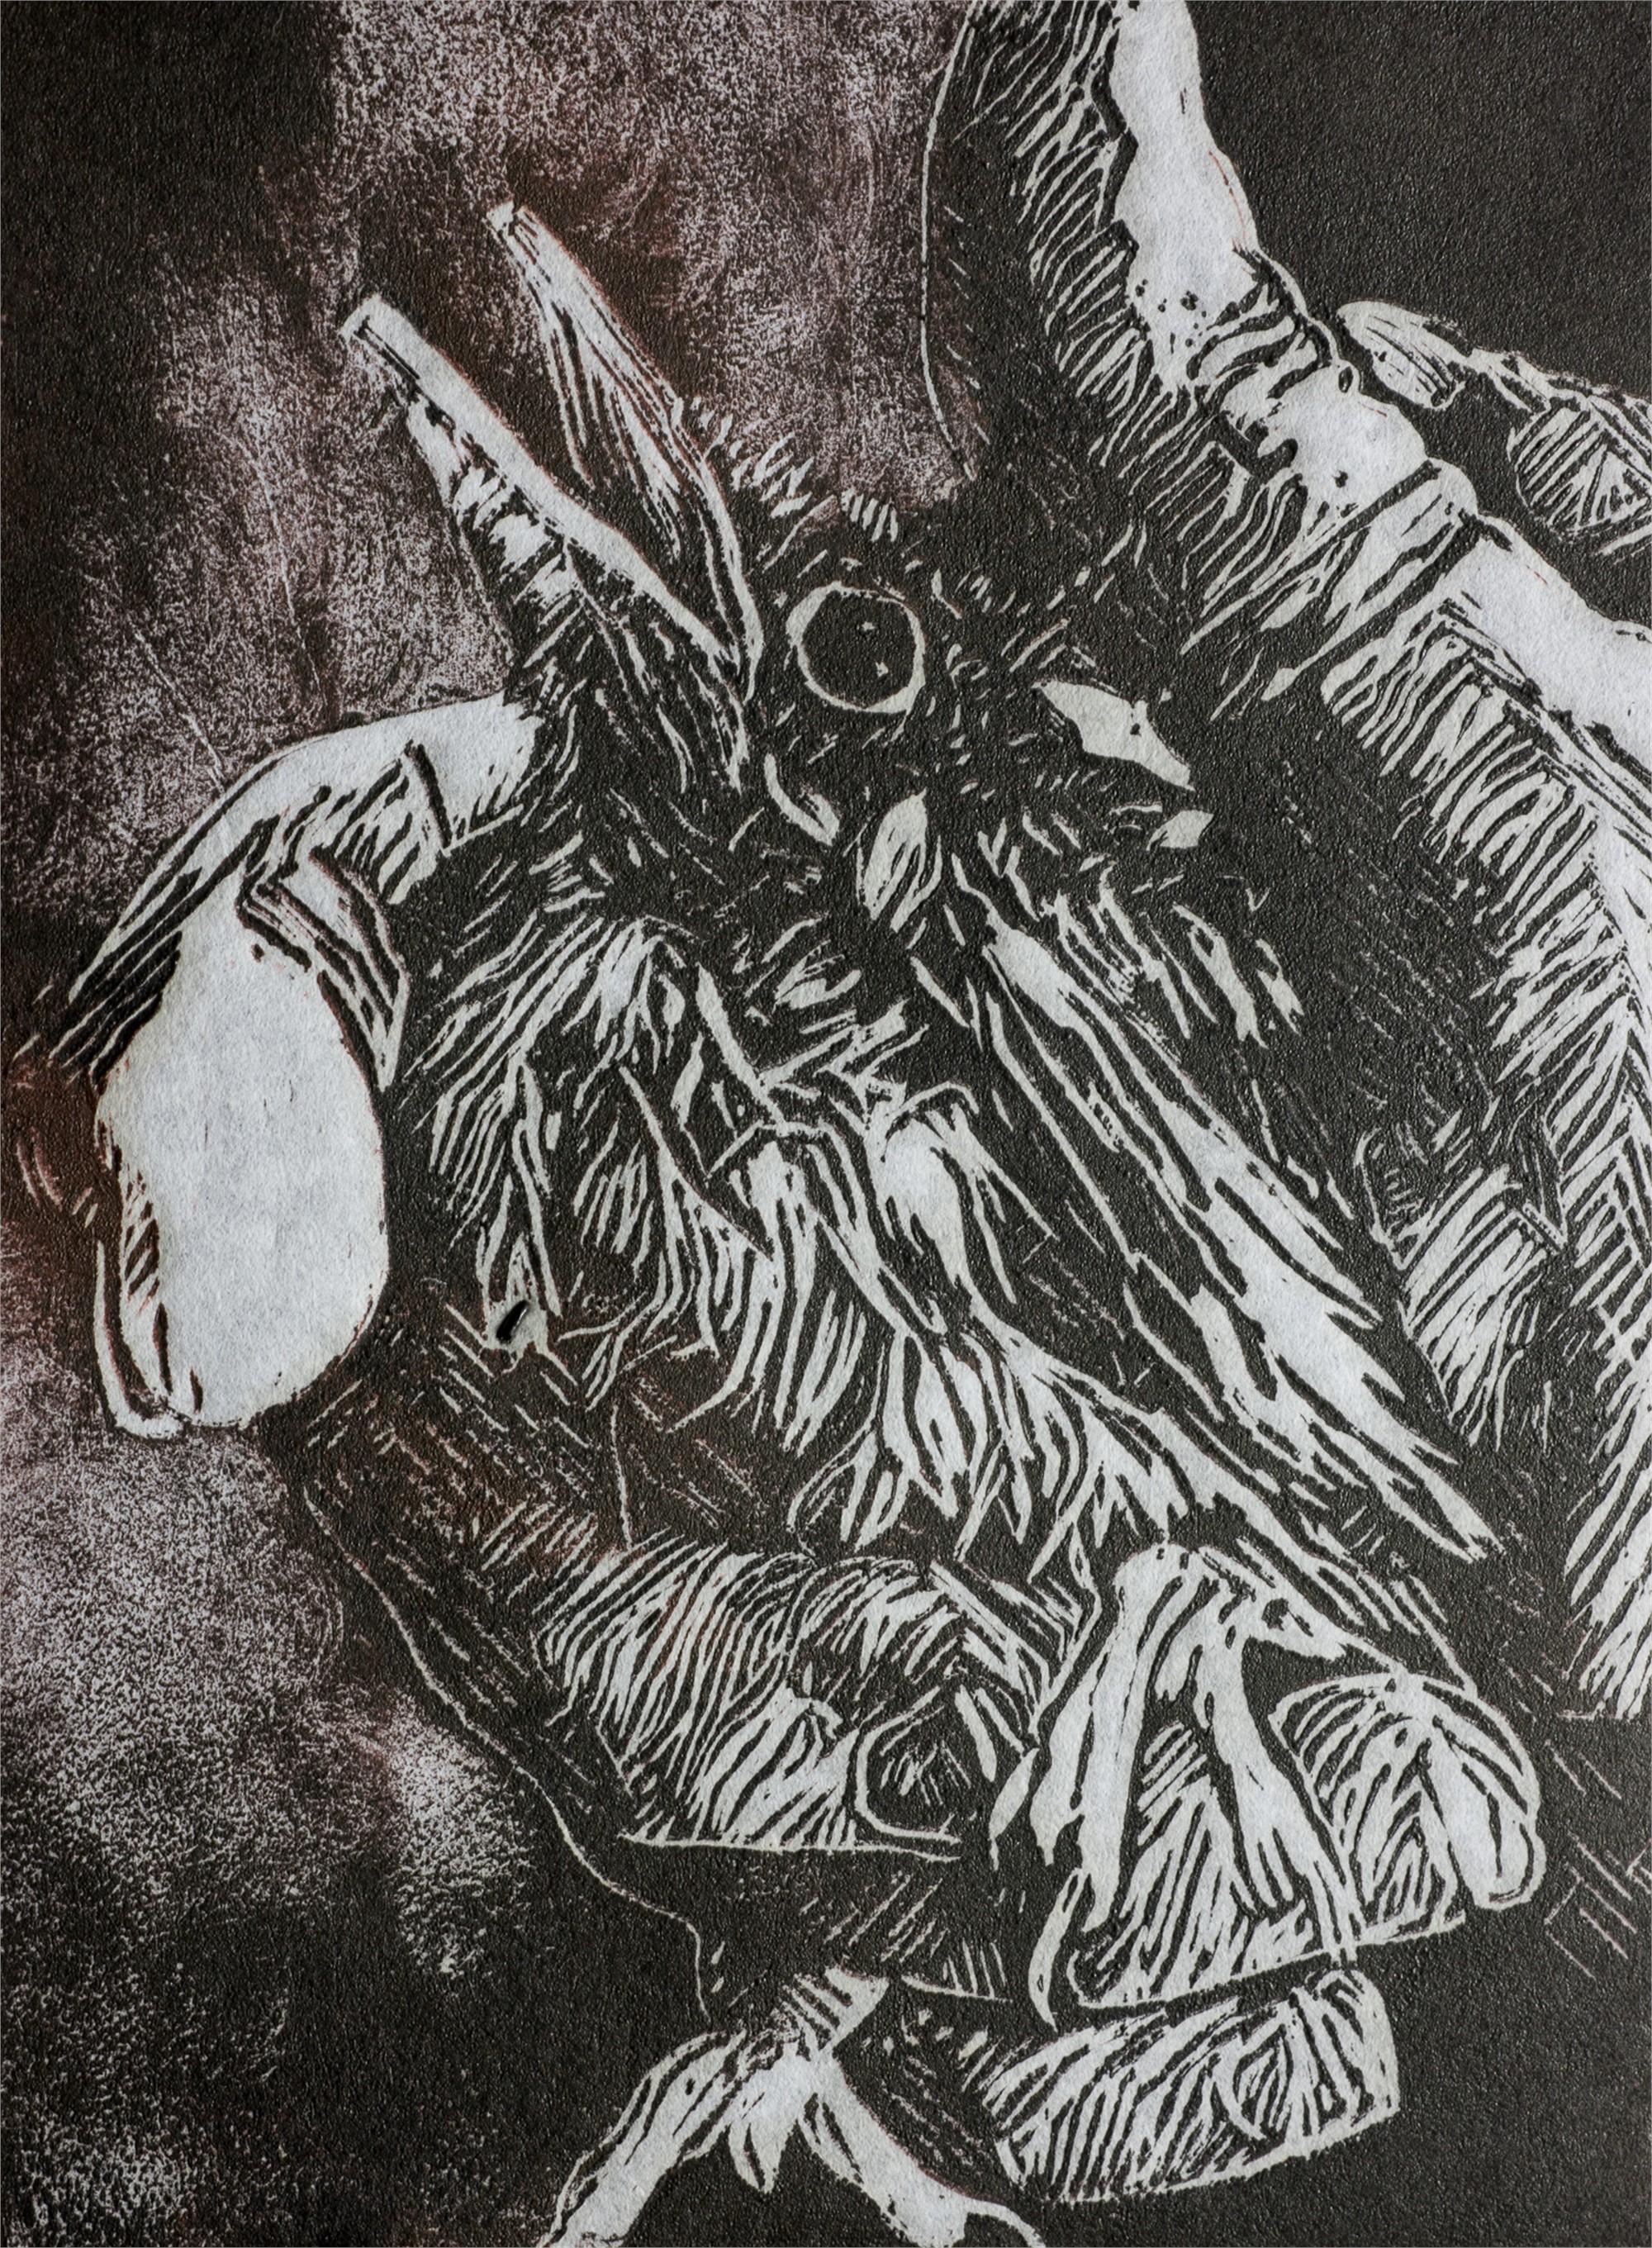 Bird in the Hand by Debi Lynn Fendley